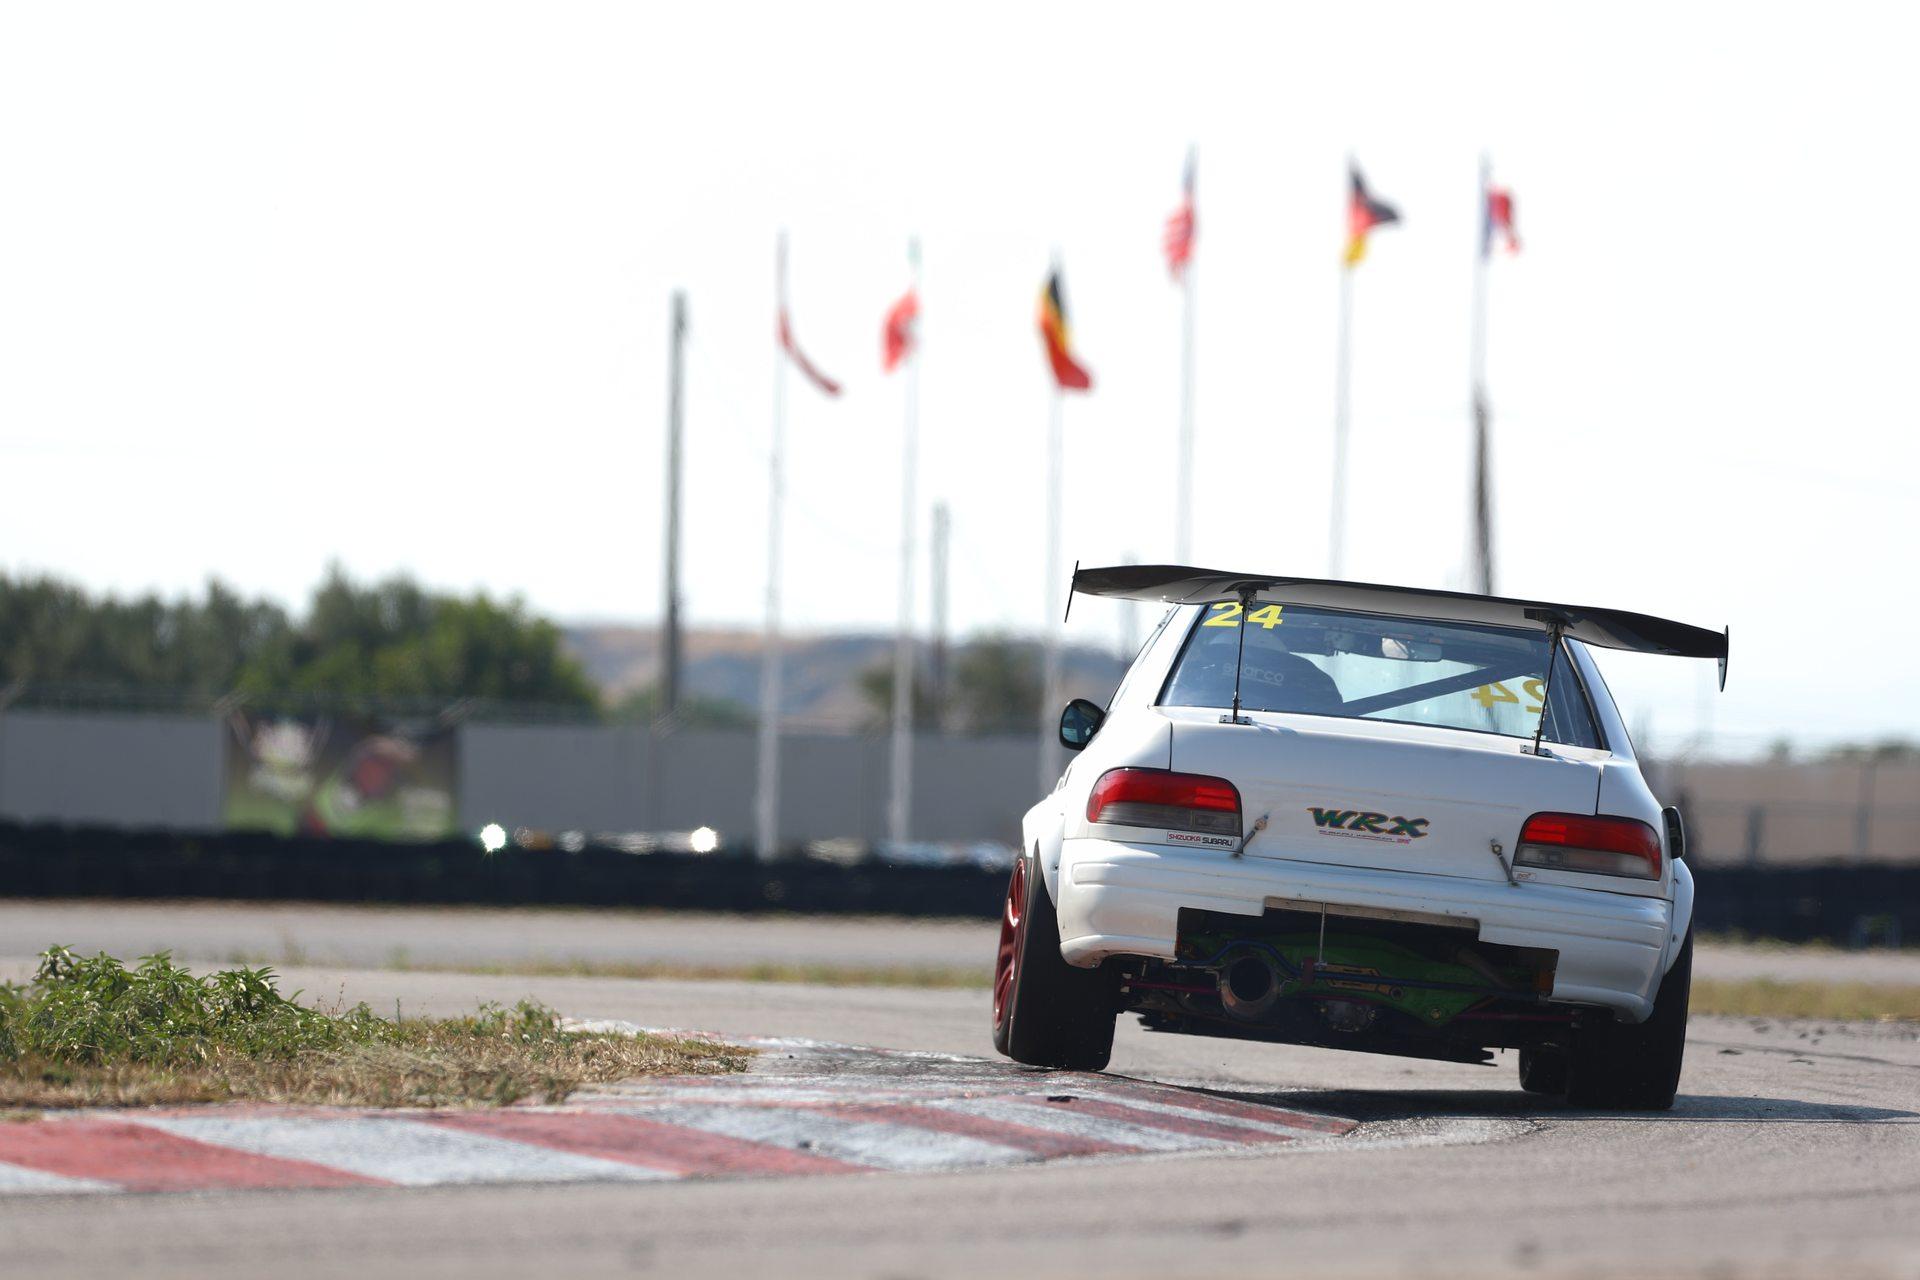 Στις 3-4 Οκτωβρίου ο 1ος αγώνας του Πανελληνίου Πρωταθλήματος Ταχύτητας στα Μέγαρα